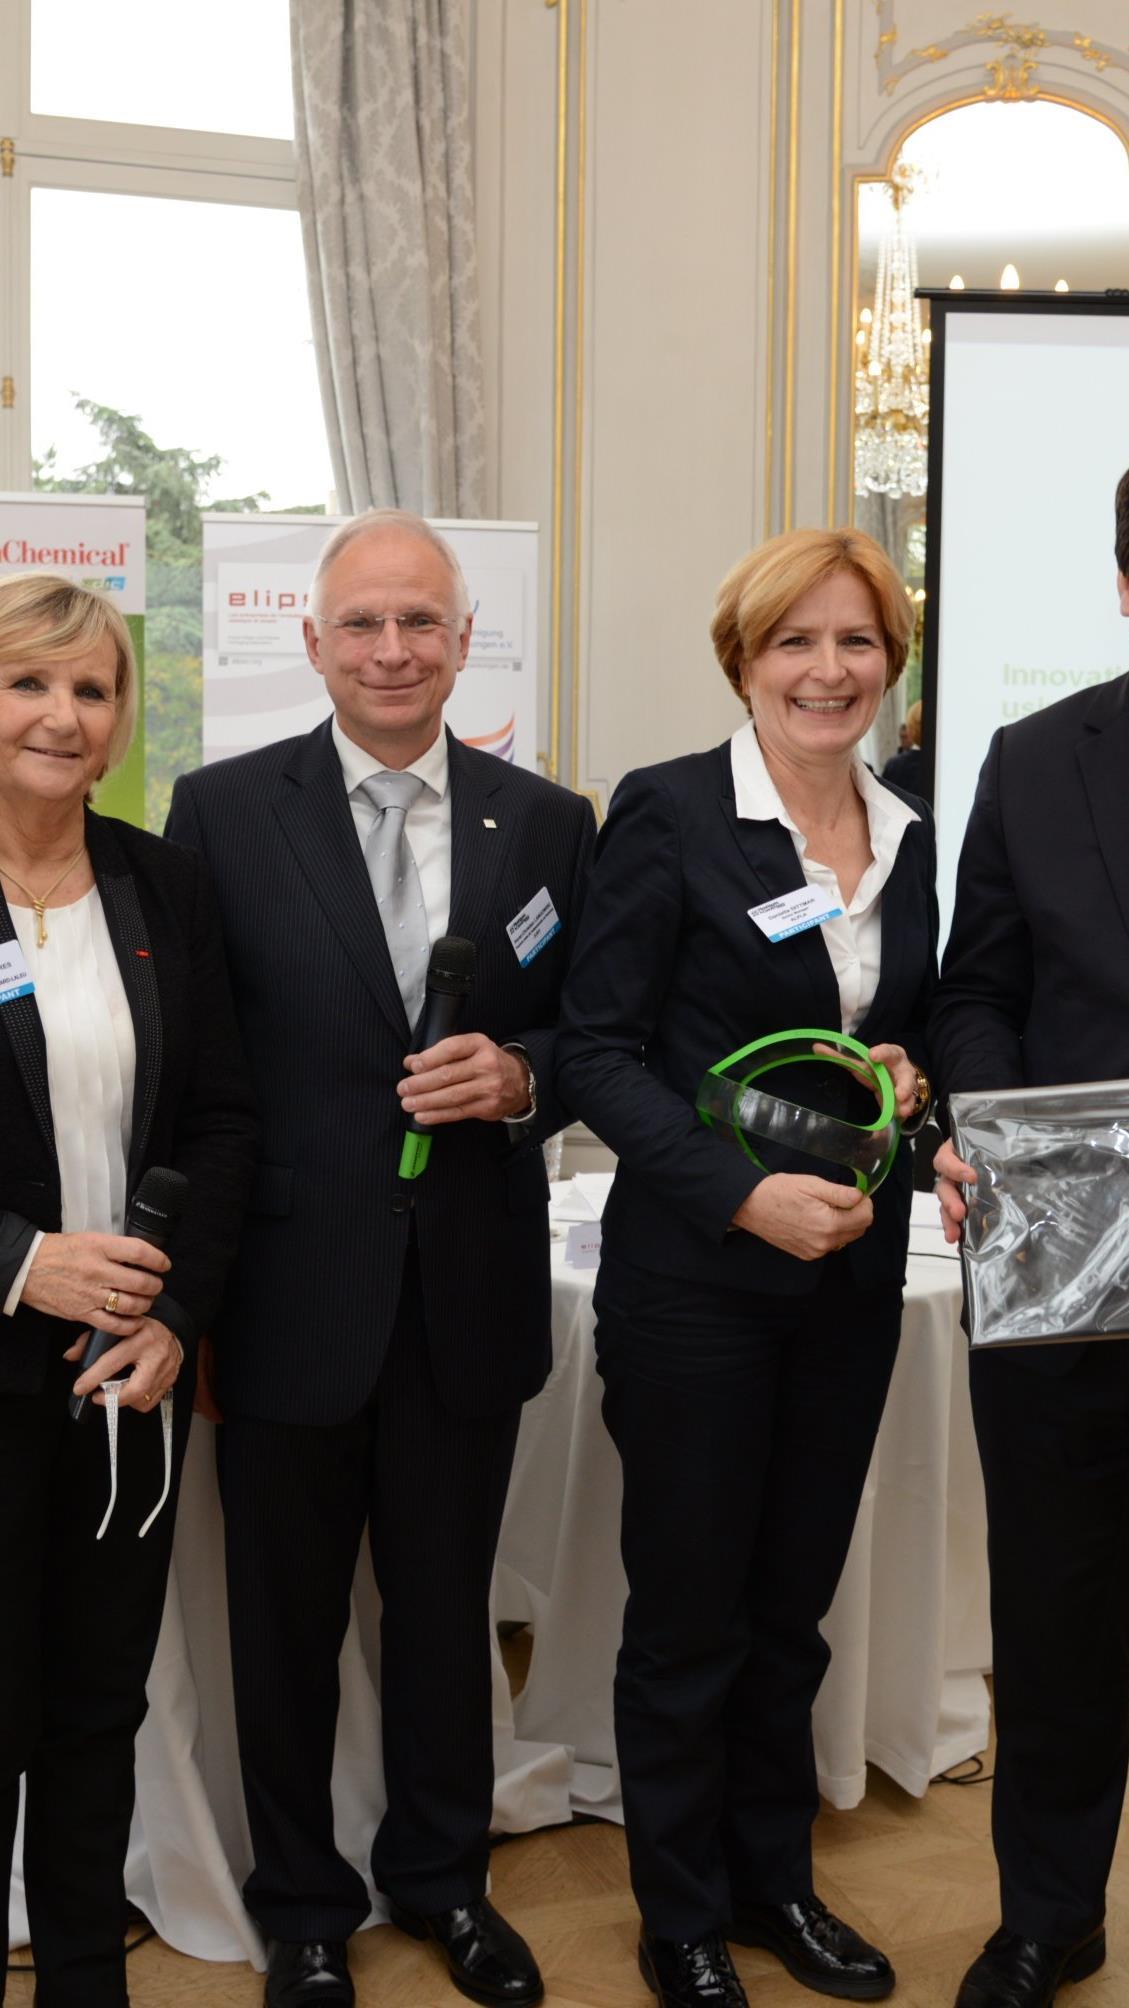 Im November 2015 erhielt ALPLA den PackTheFuture-Award in Paris verliehen. Der Award hat das Ziel, das Innovationspotenzial und die Nachhaltigkeit von Kunststoffverpackungen in Europa bekannter zu machen.